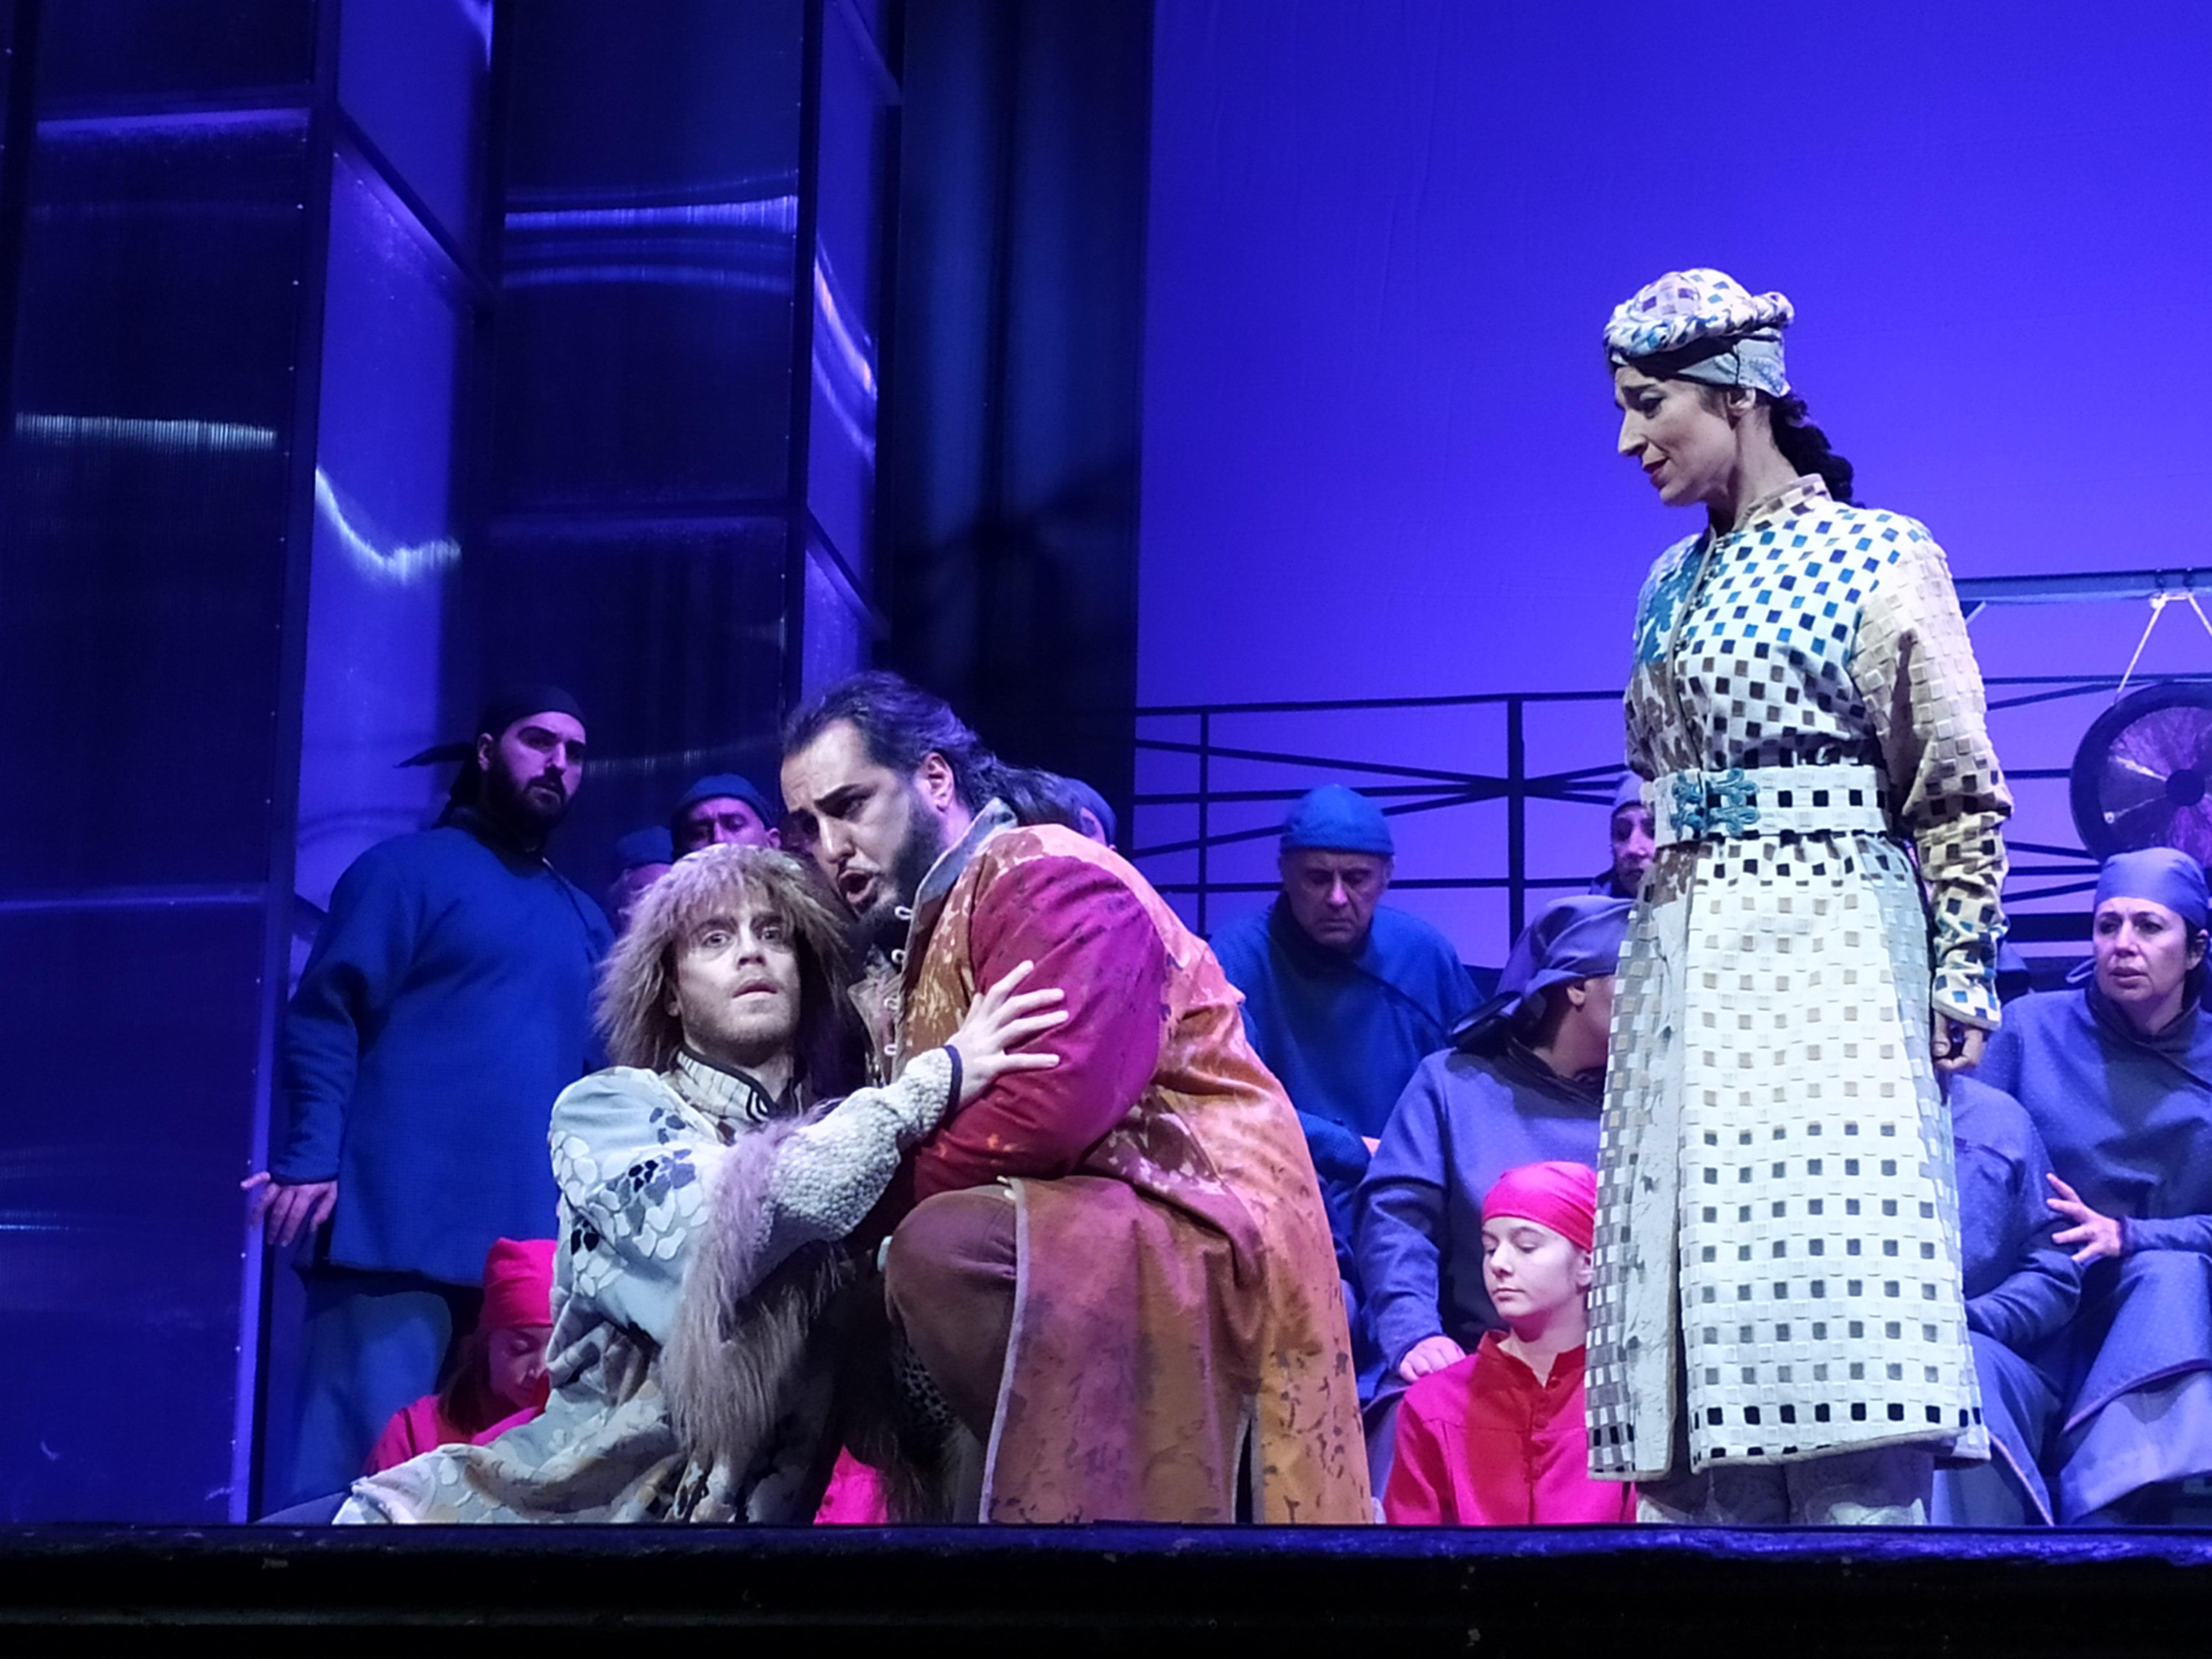 Foto Patrizia Monteverdi - Julis Loranzi, Alberto Profeta, Renata Campanella